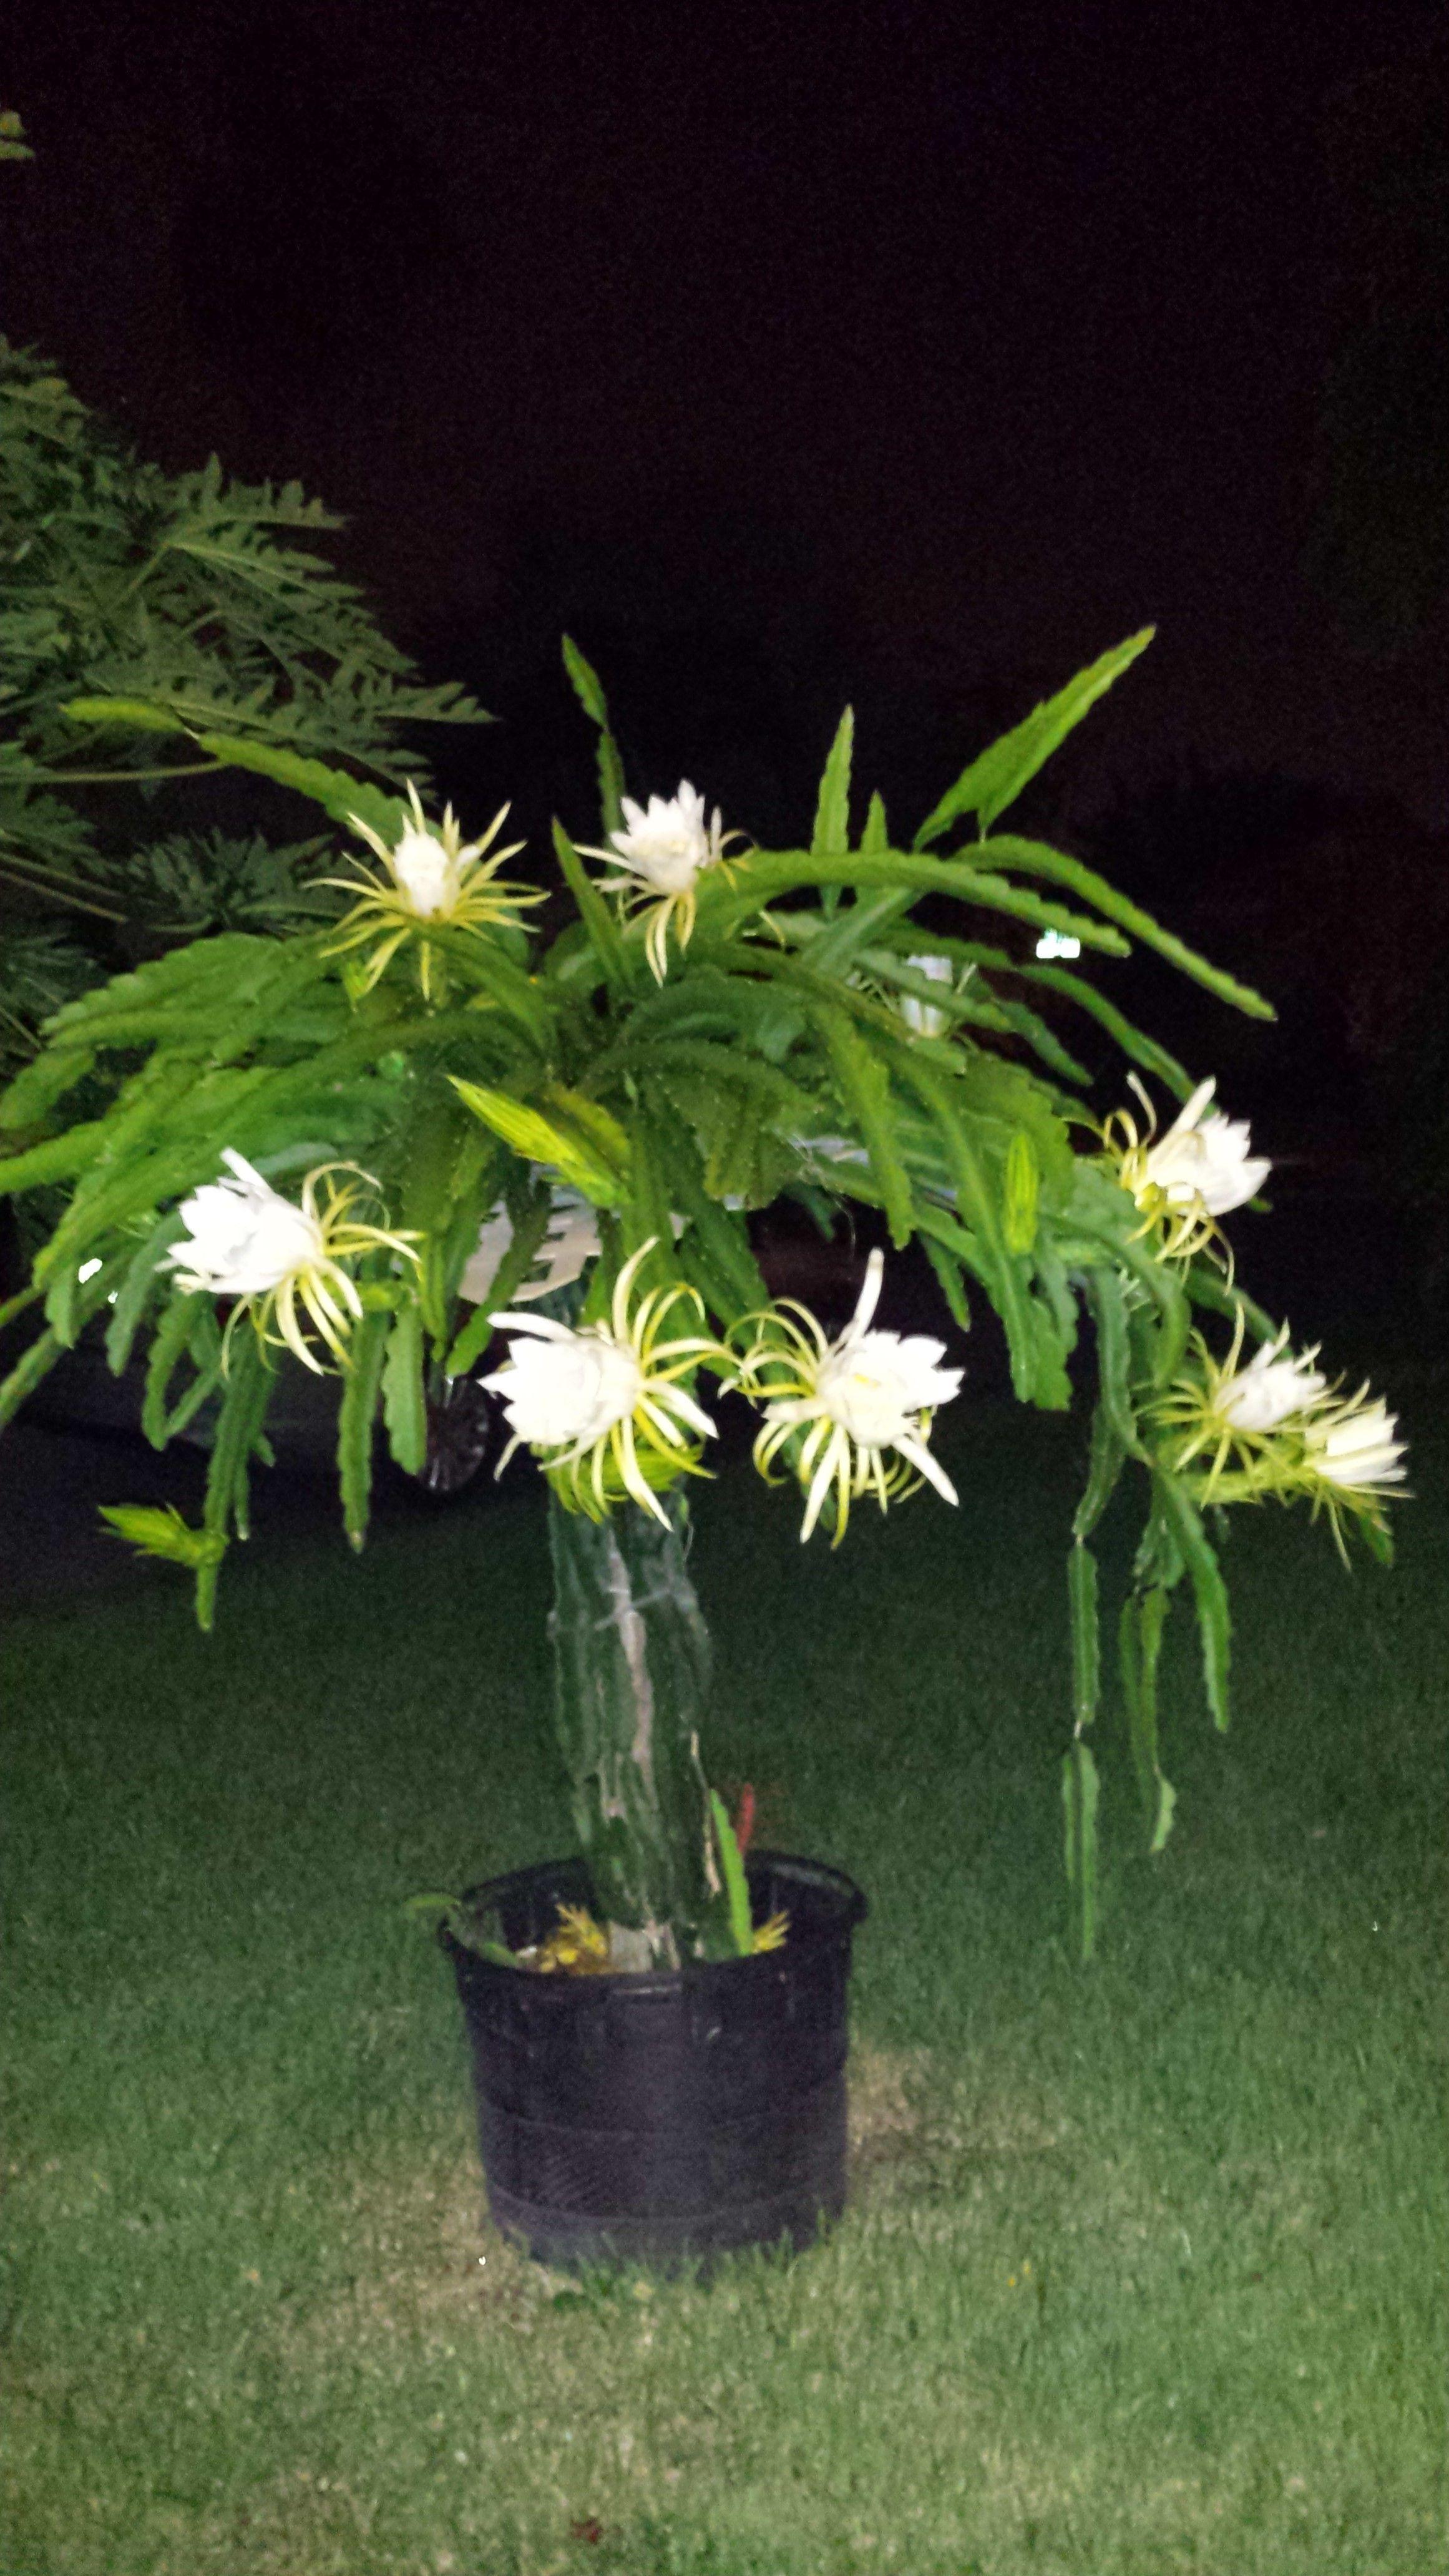 My Dragon Fruit Trellis In Bloom Taken At Night Because The